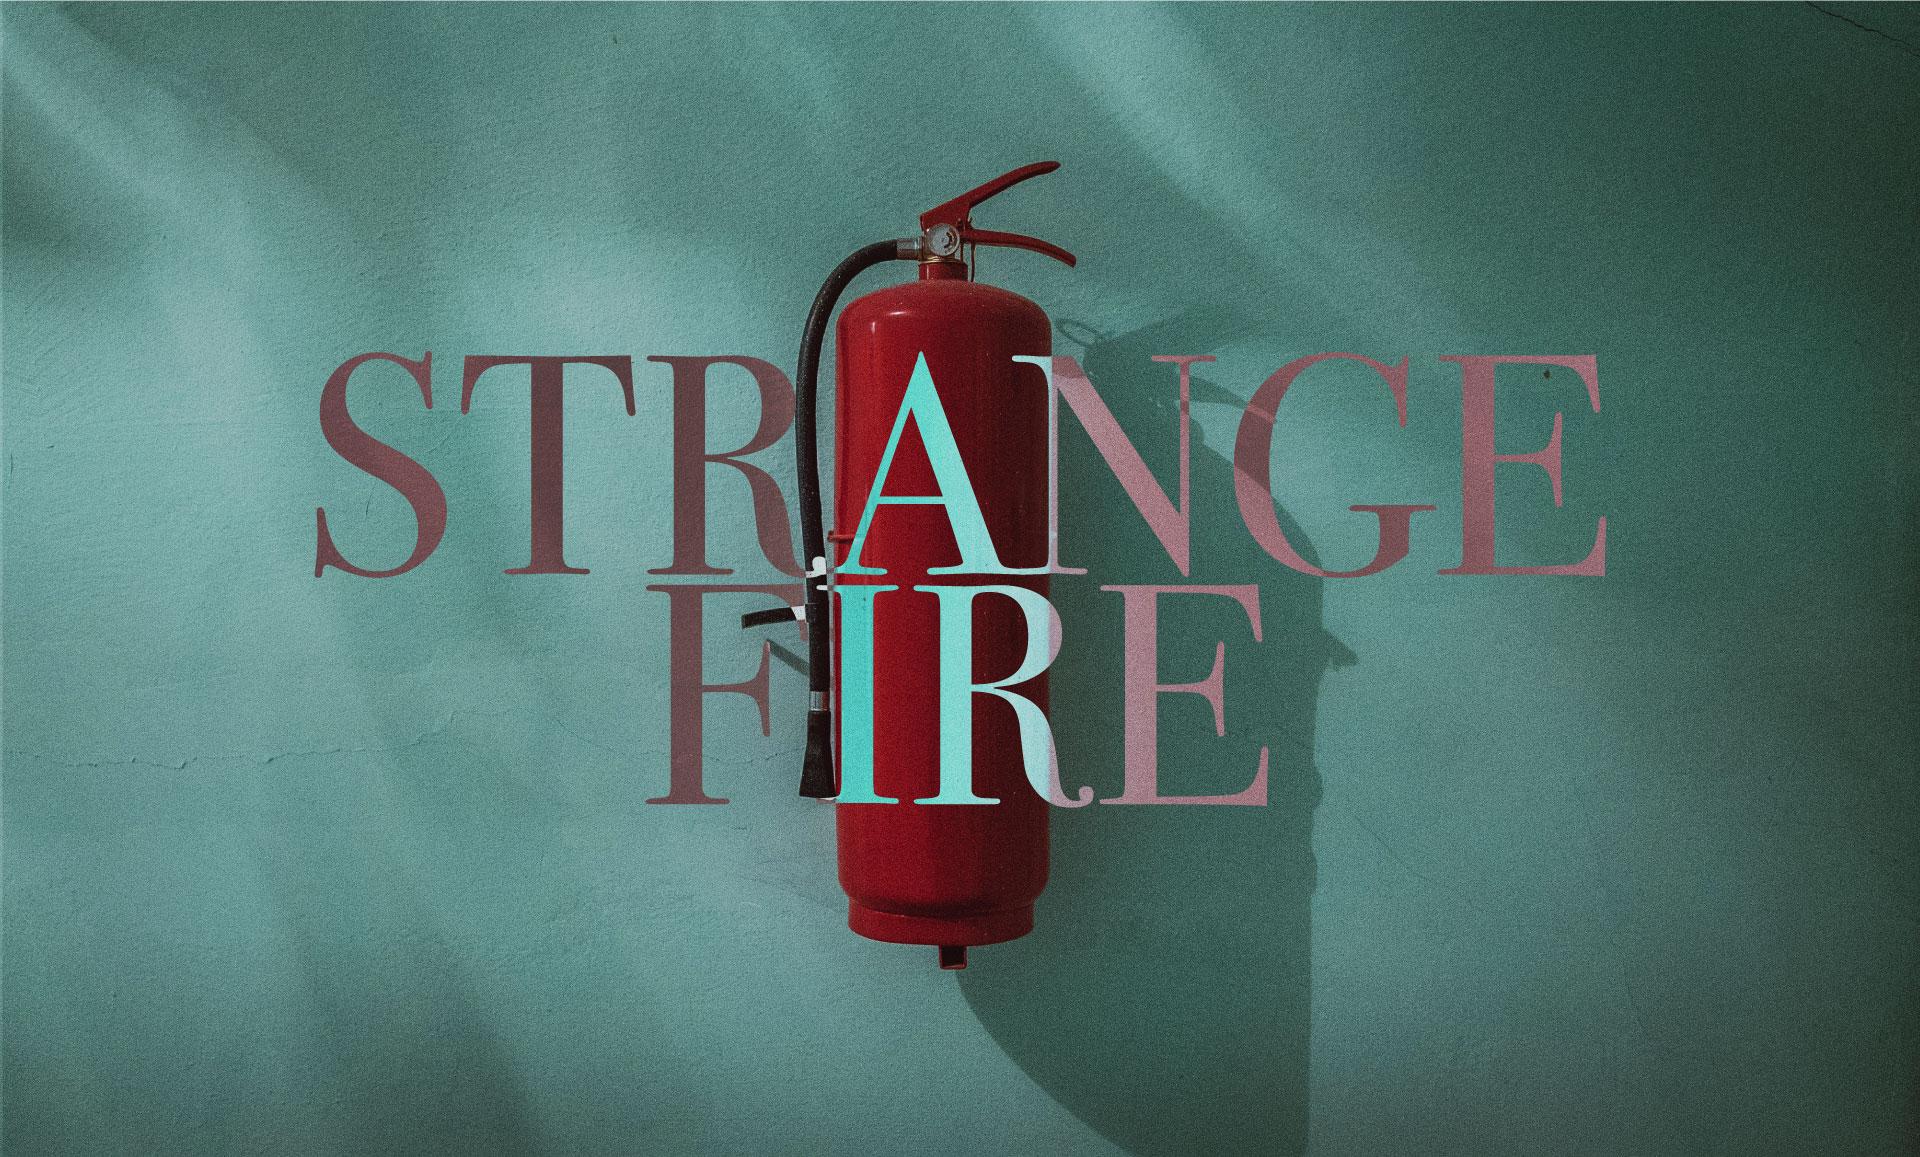 STRANGE-FIRE-THUMB-02.jpg